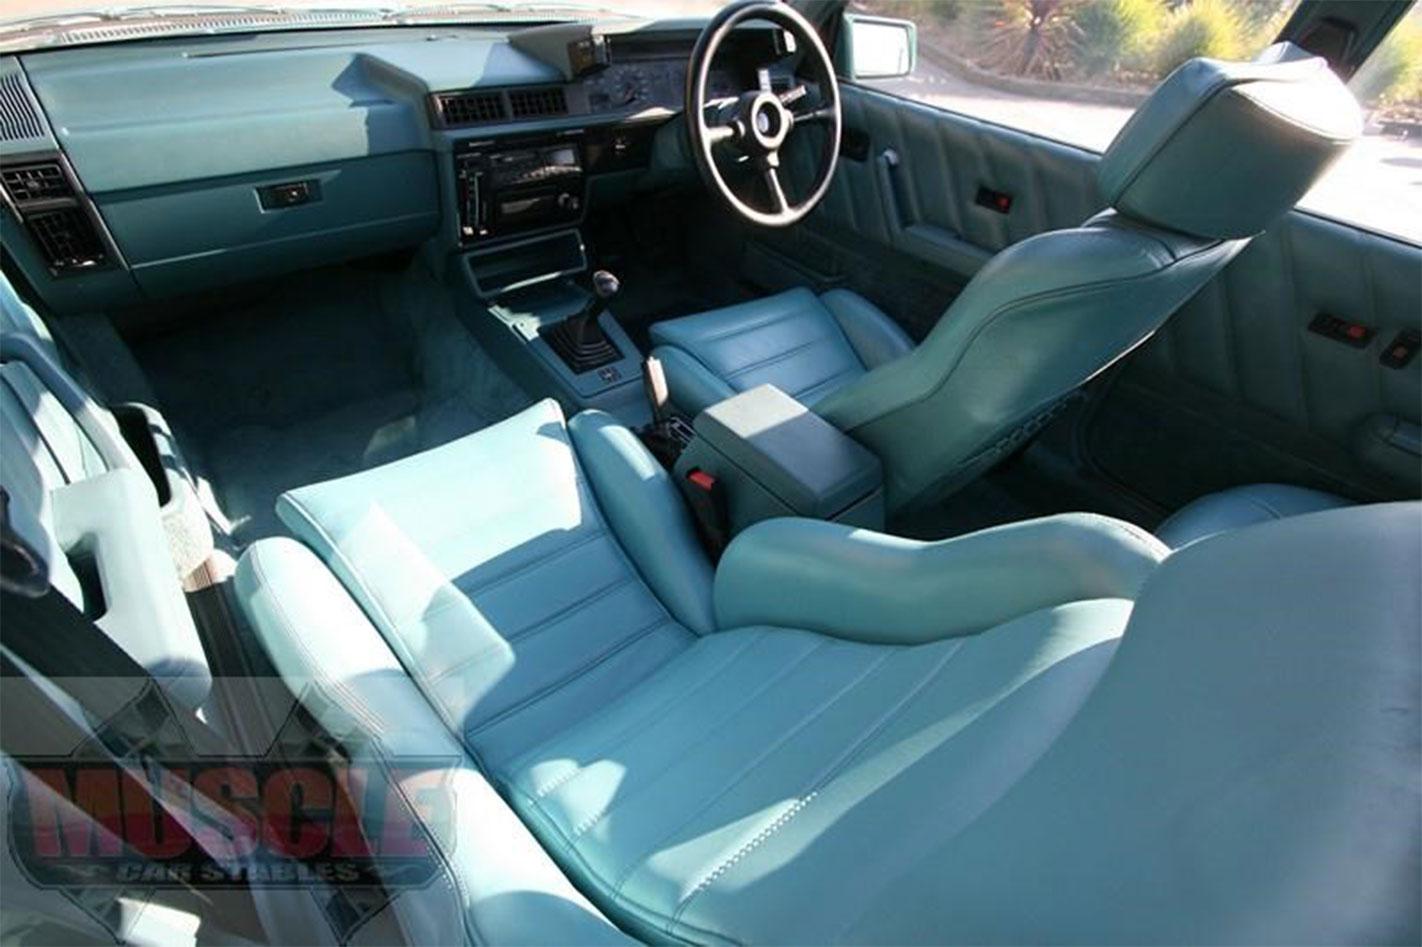 HDT-VL-Director -for -sale -interior